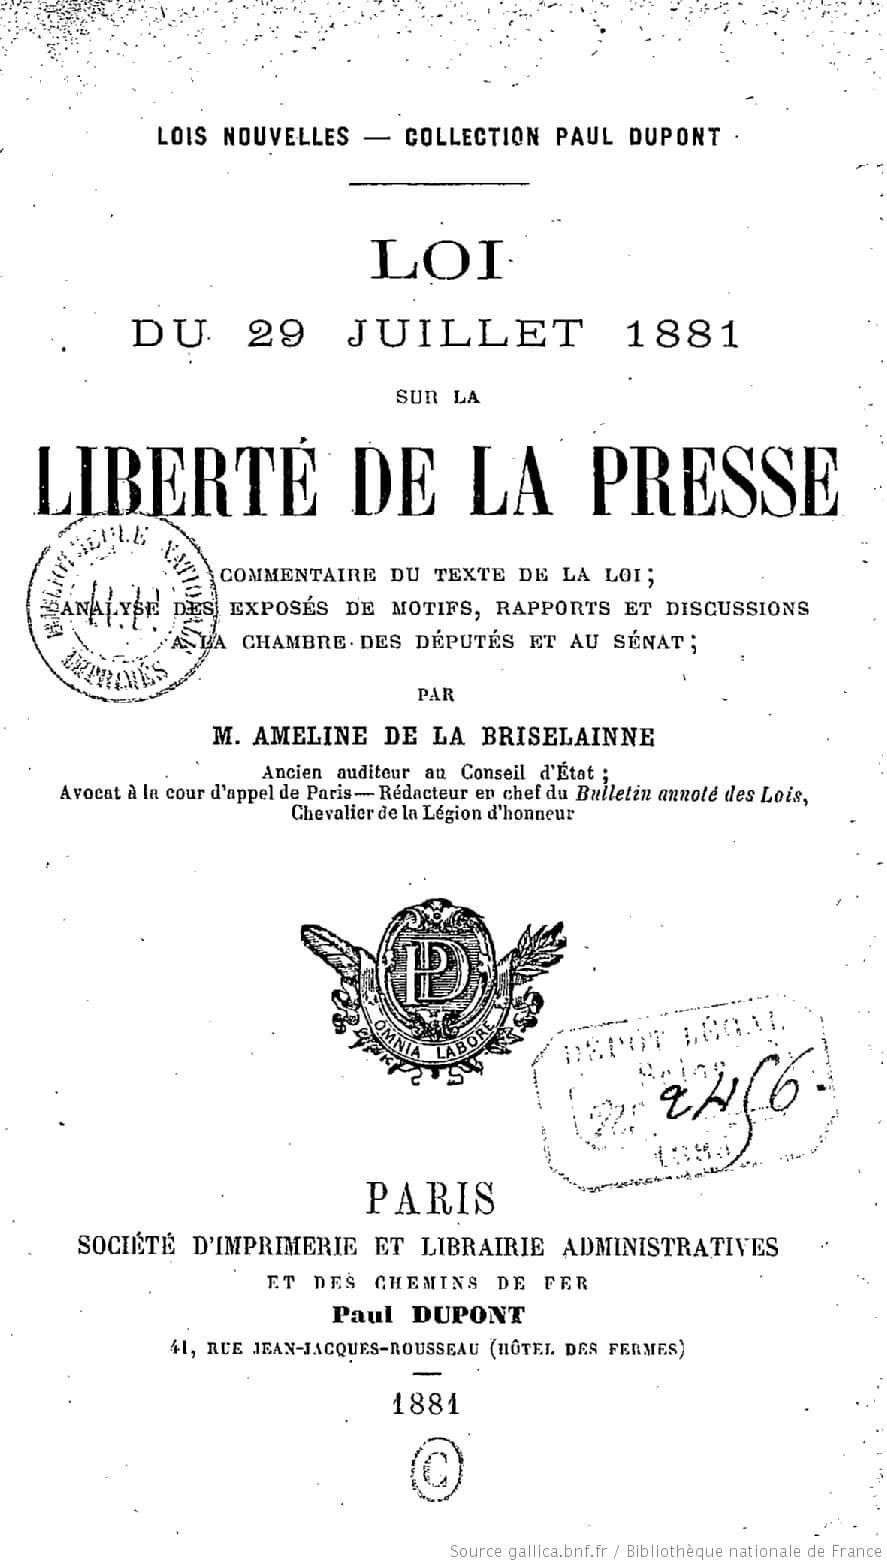 affiche de la loi du 29 juillet 1881 sur la liberté de la presse redondante avec la proposition Macron